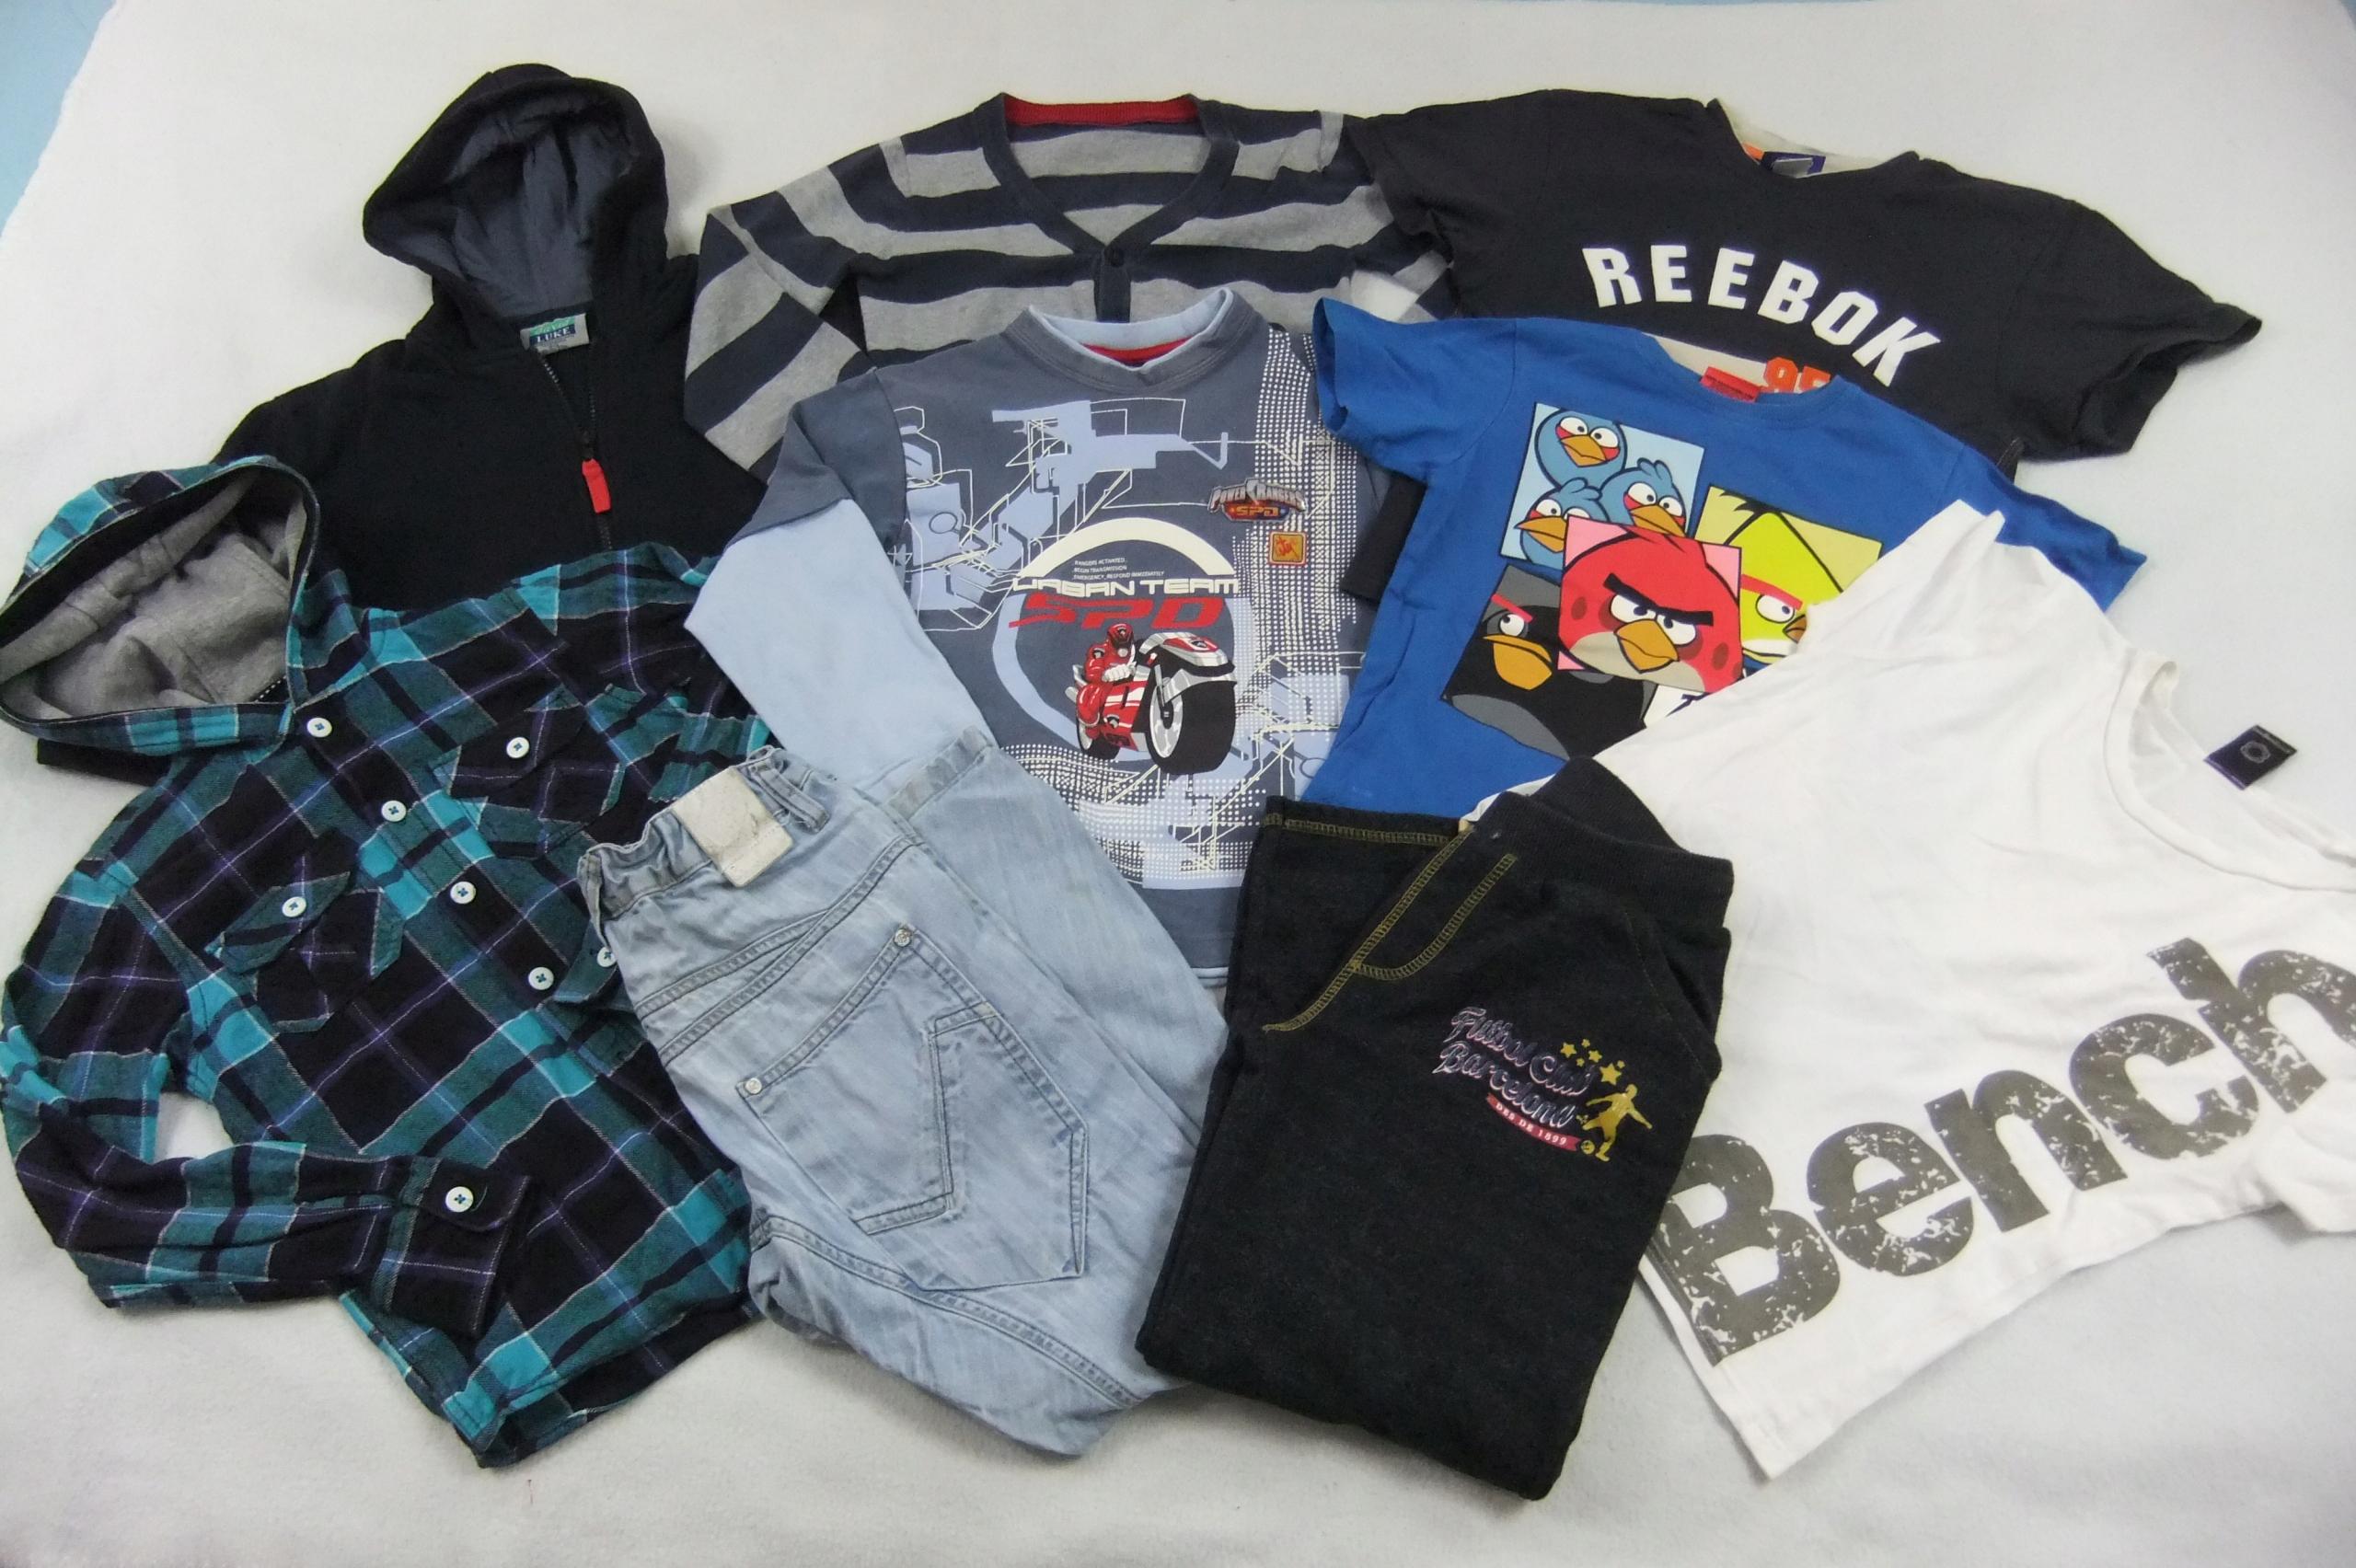 paka ubrania dla chłopca 134/140 zestaw 9szt